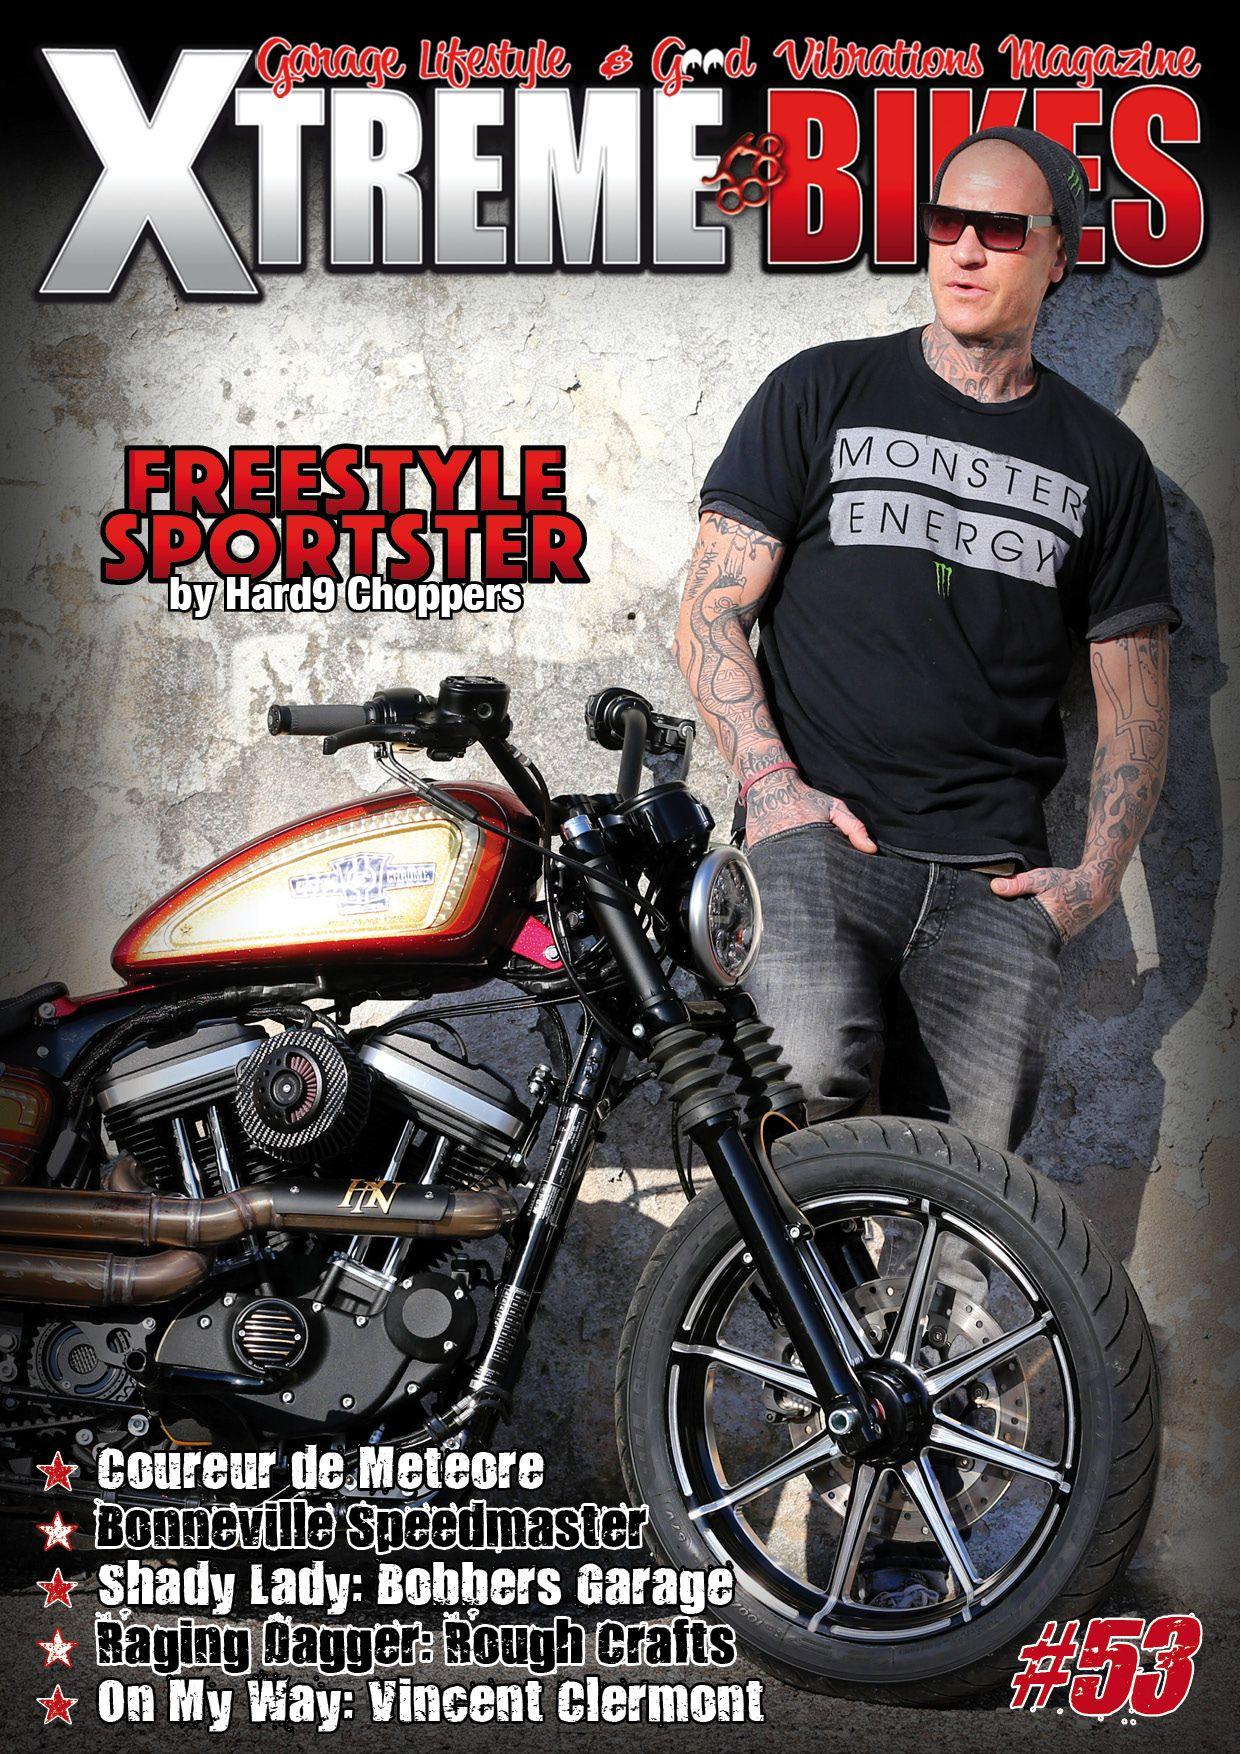 Xtreme Bikes #53